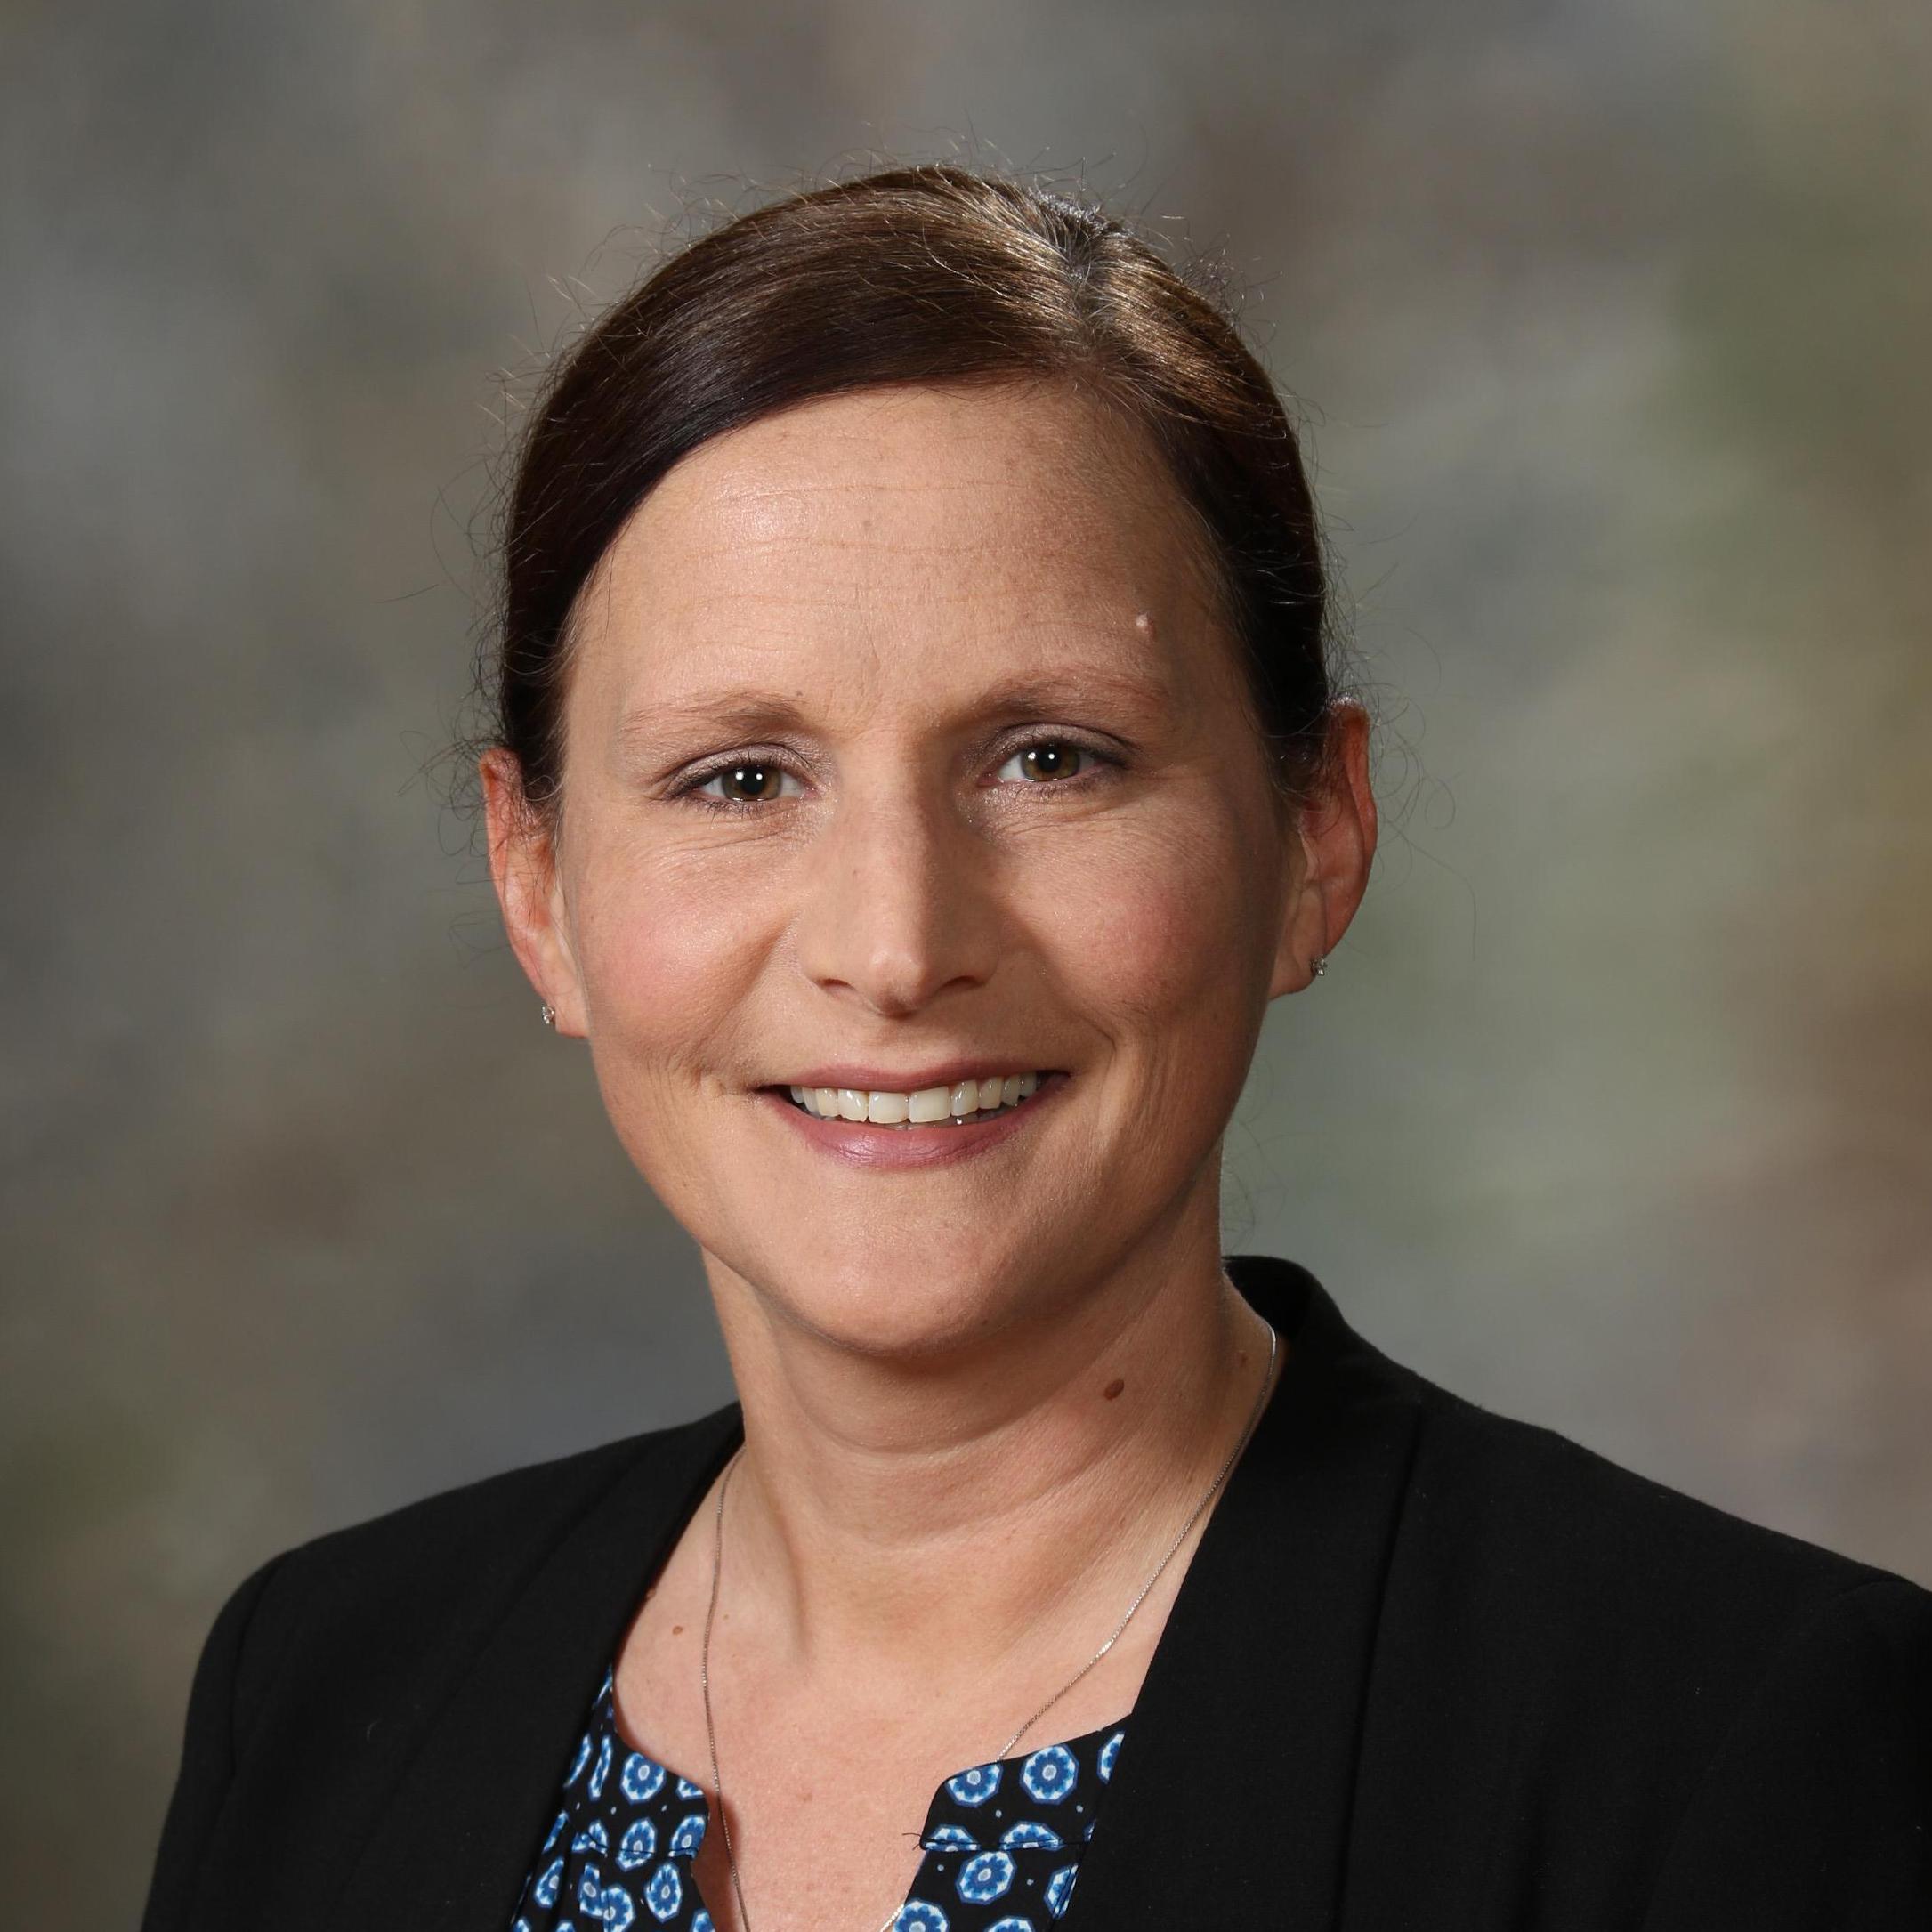 Monica *Wilkerson's Profile Photo